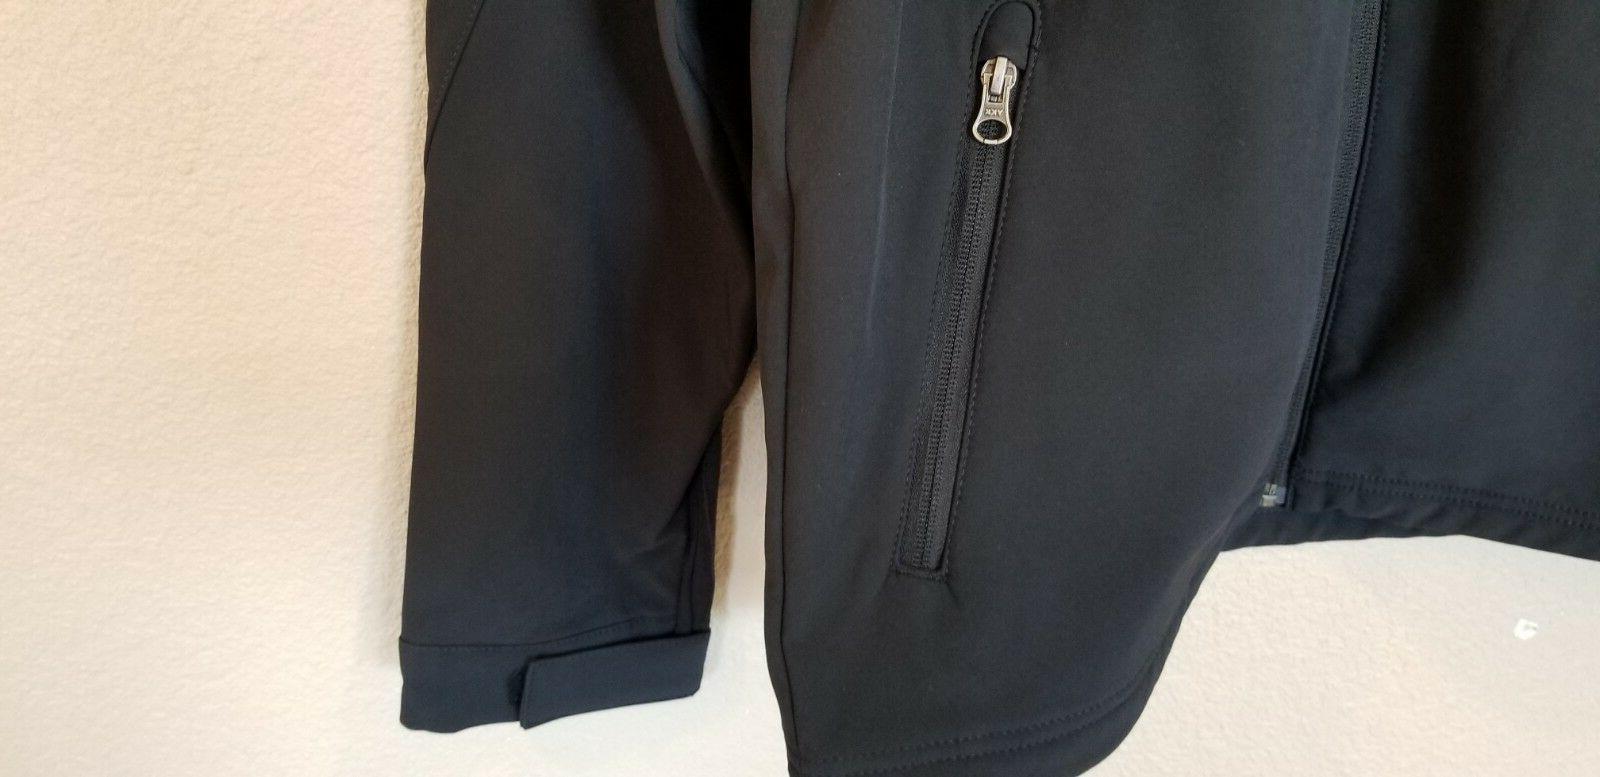 New Jacket Hoodie Water Repellent XL